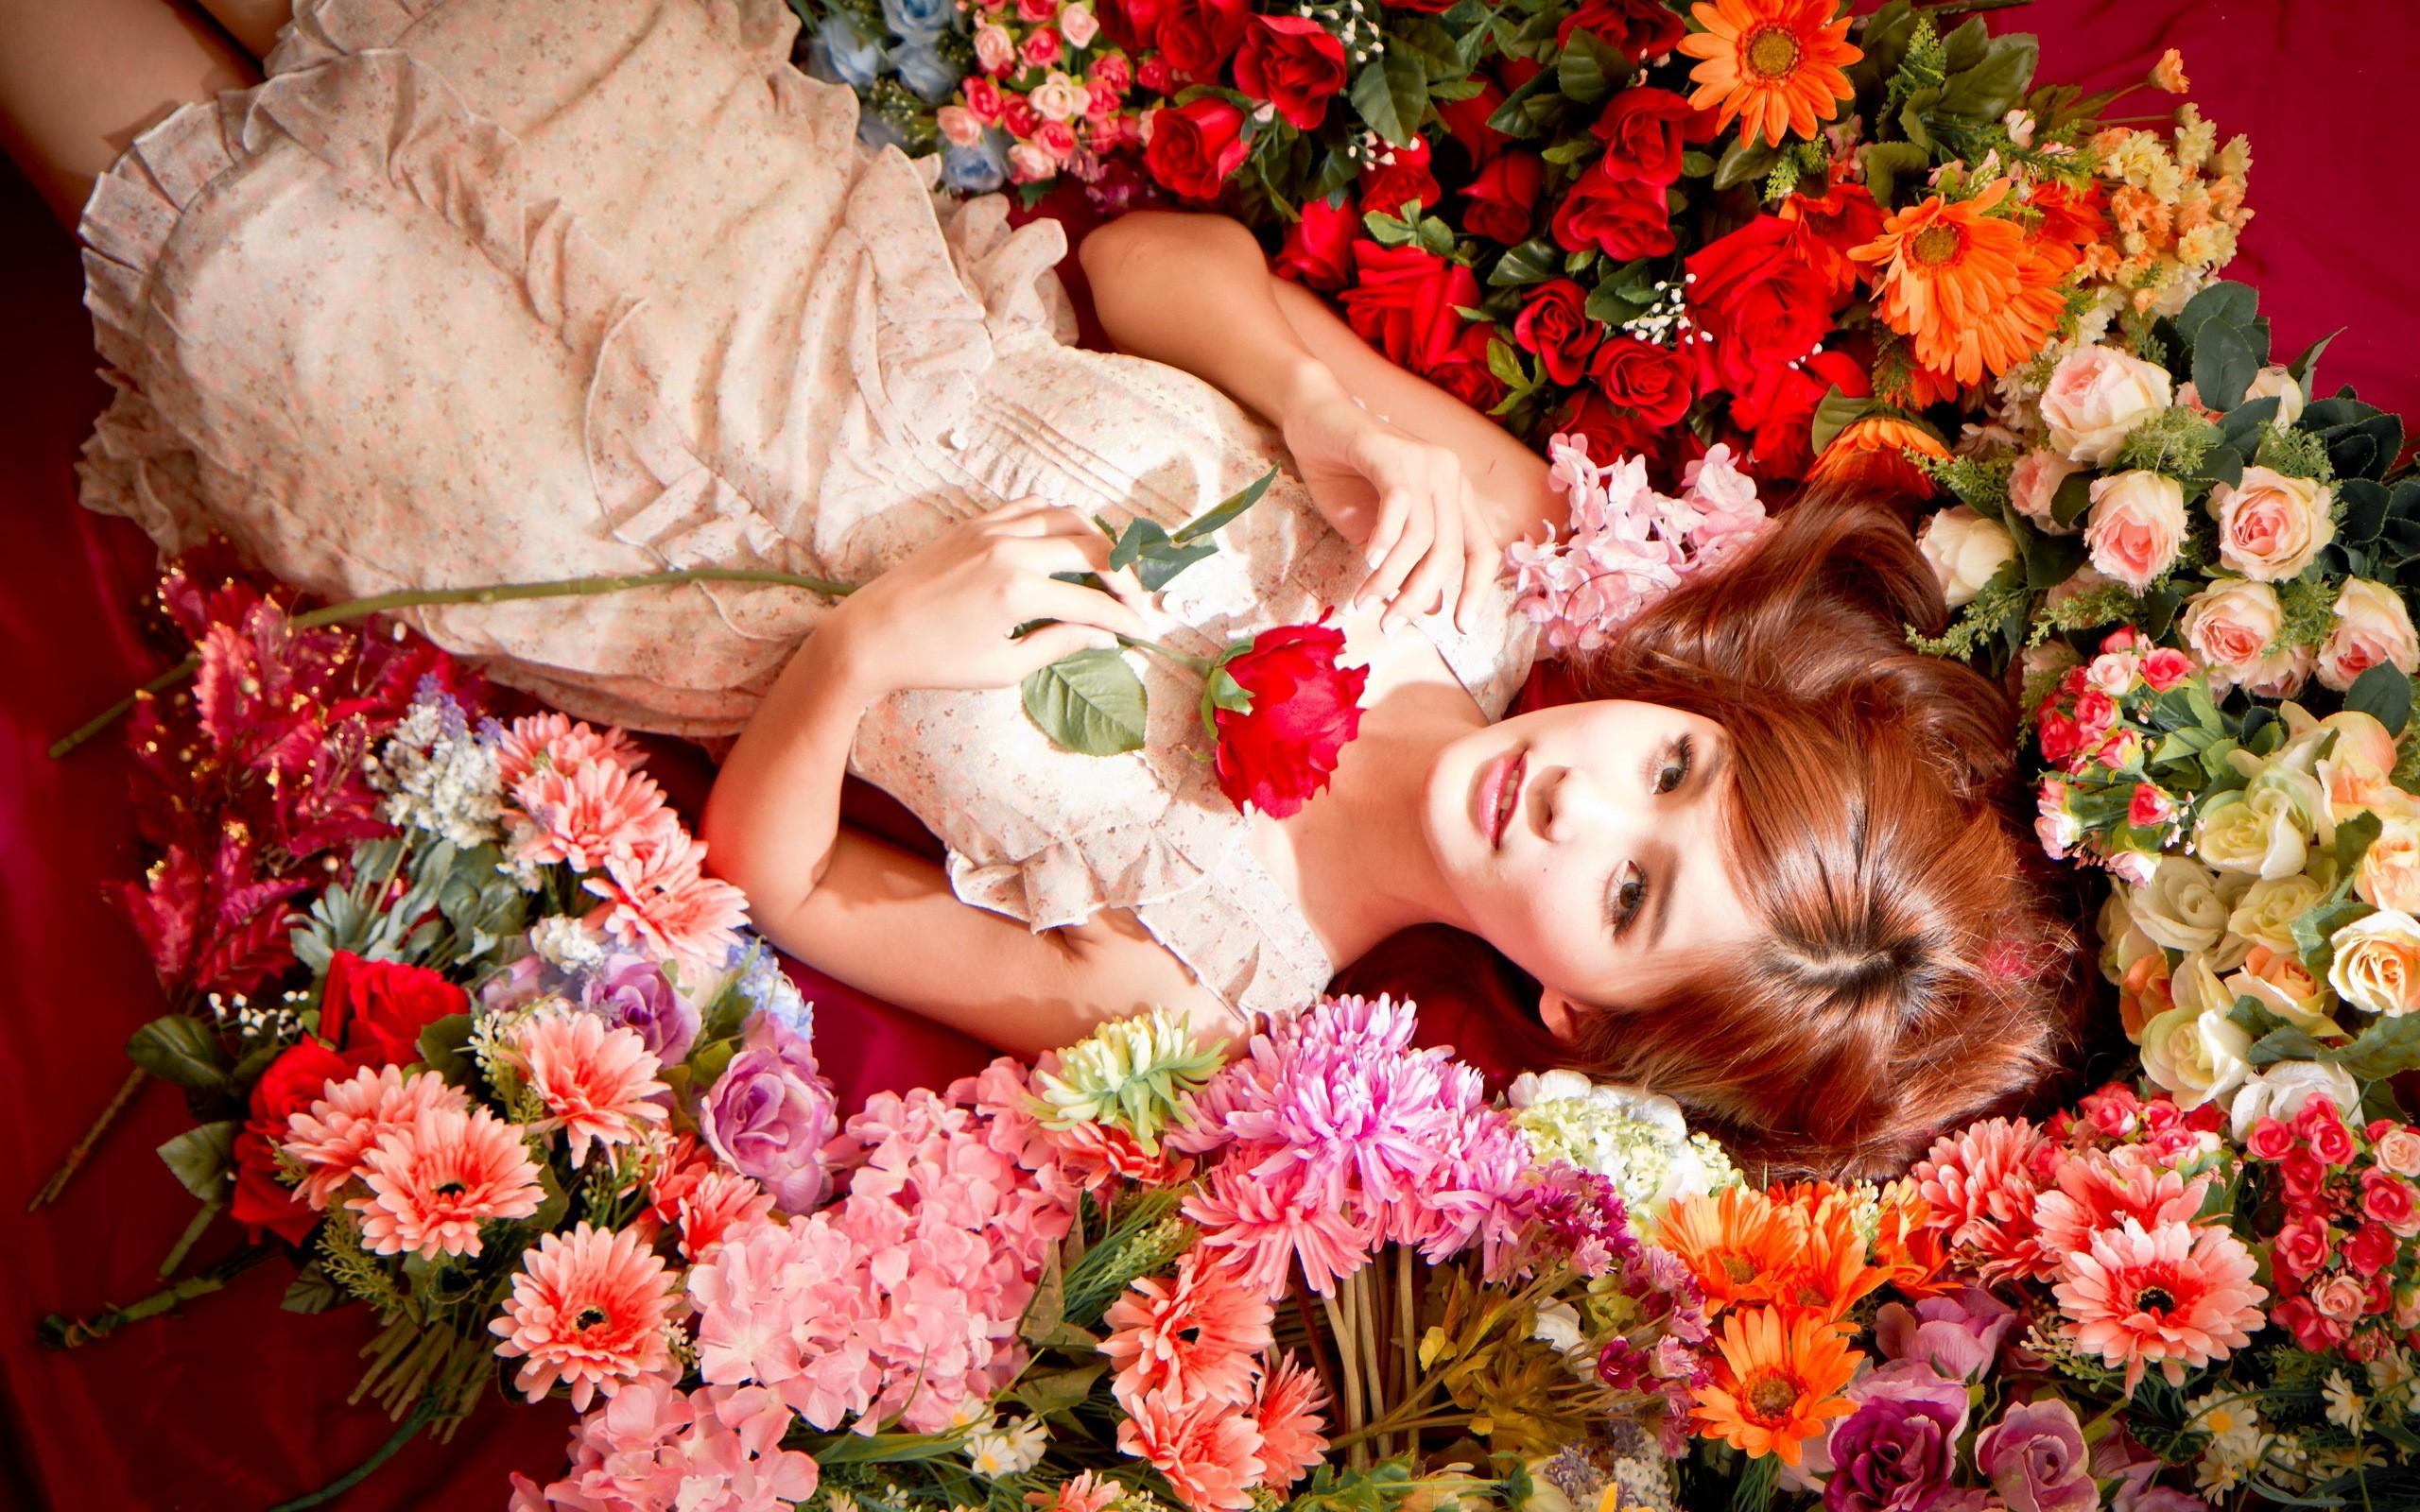 Chica asiática y flores - 2560x1600